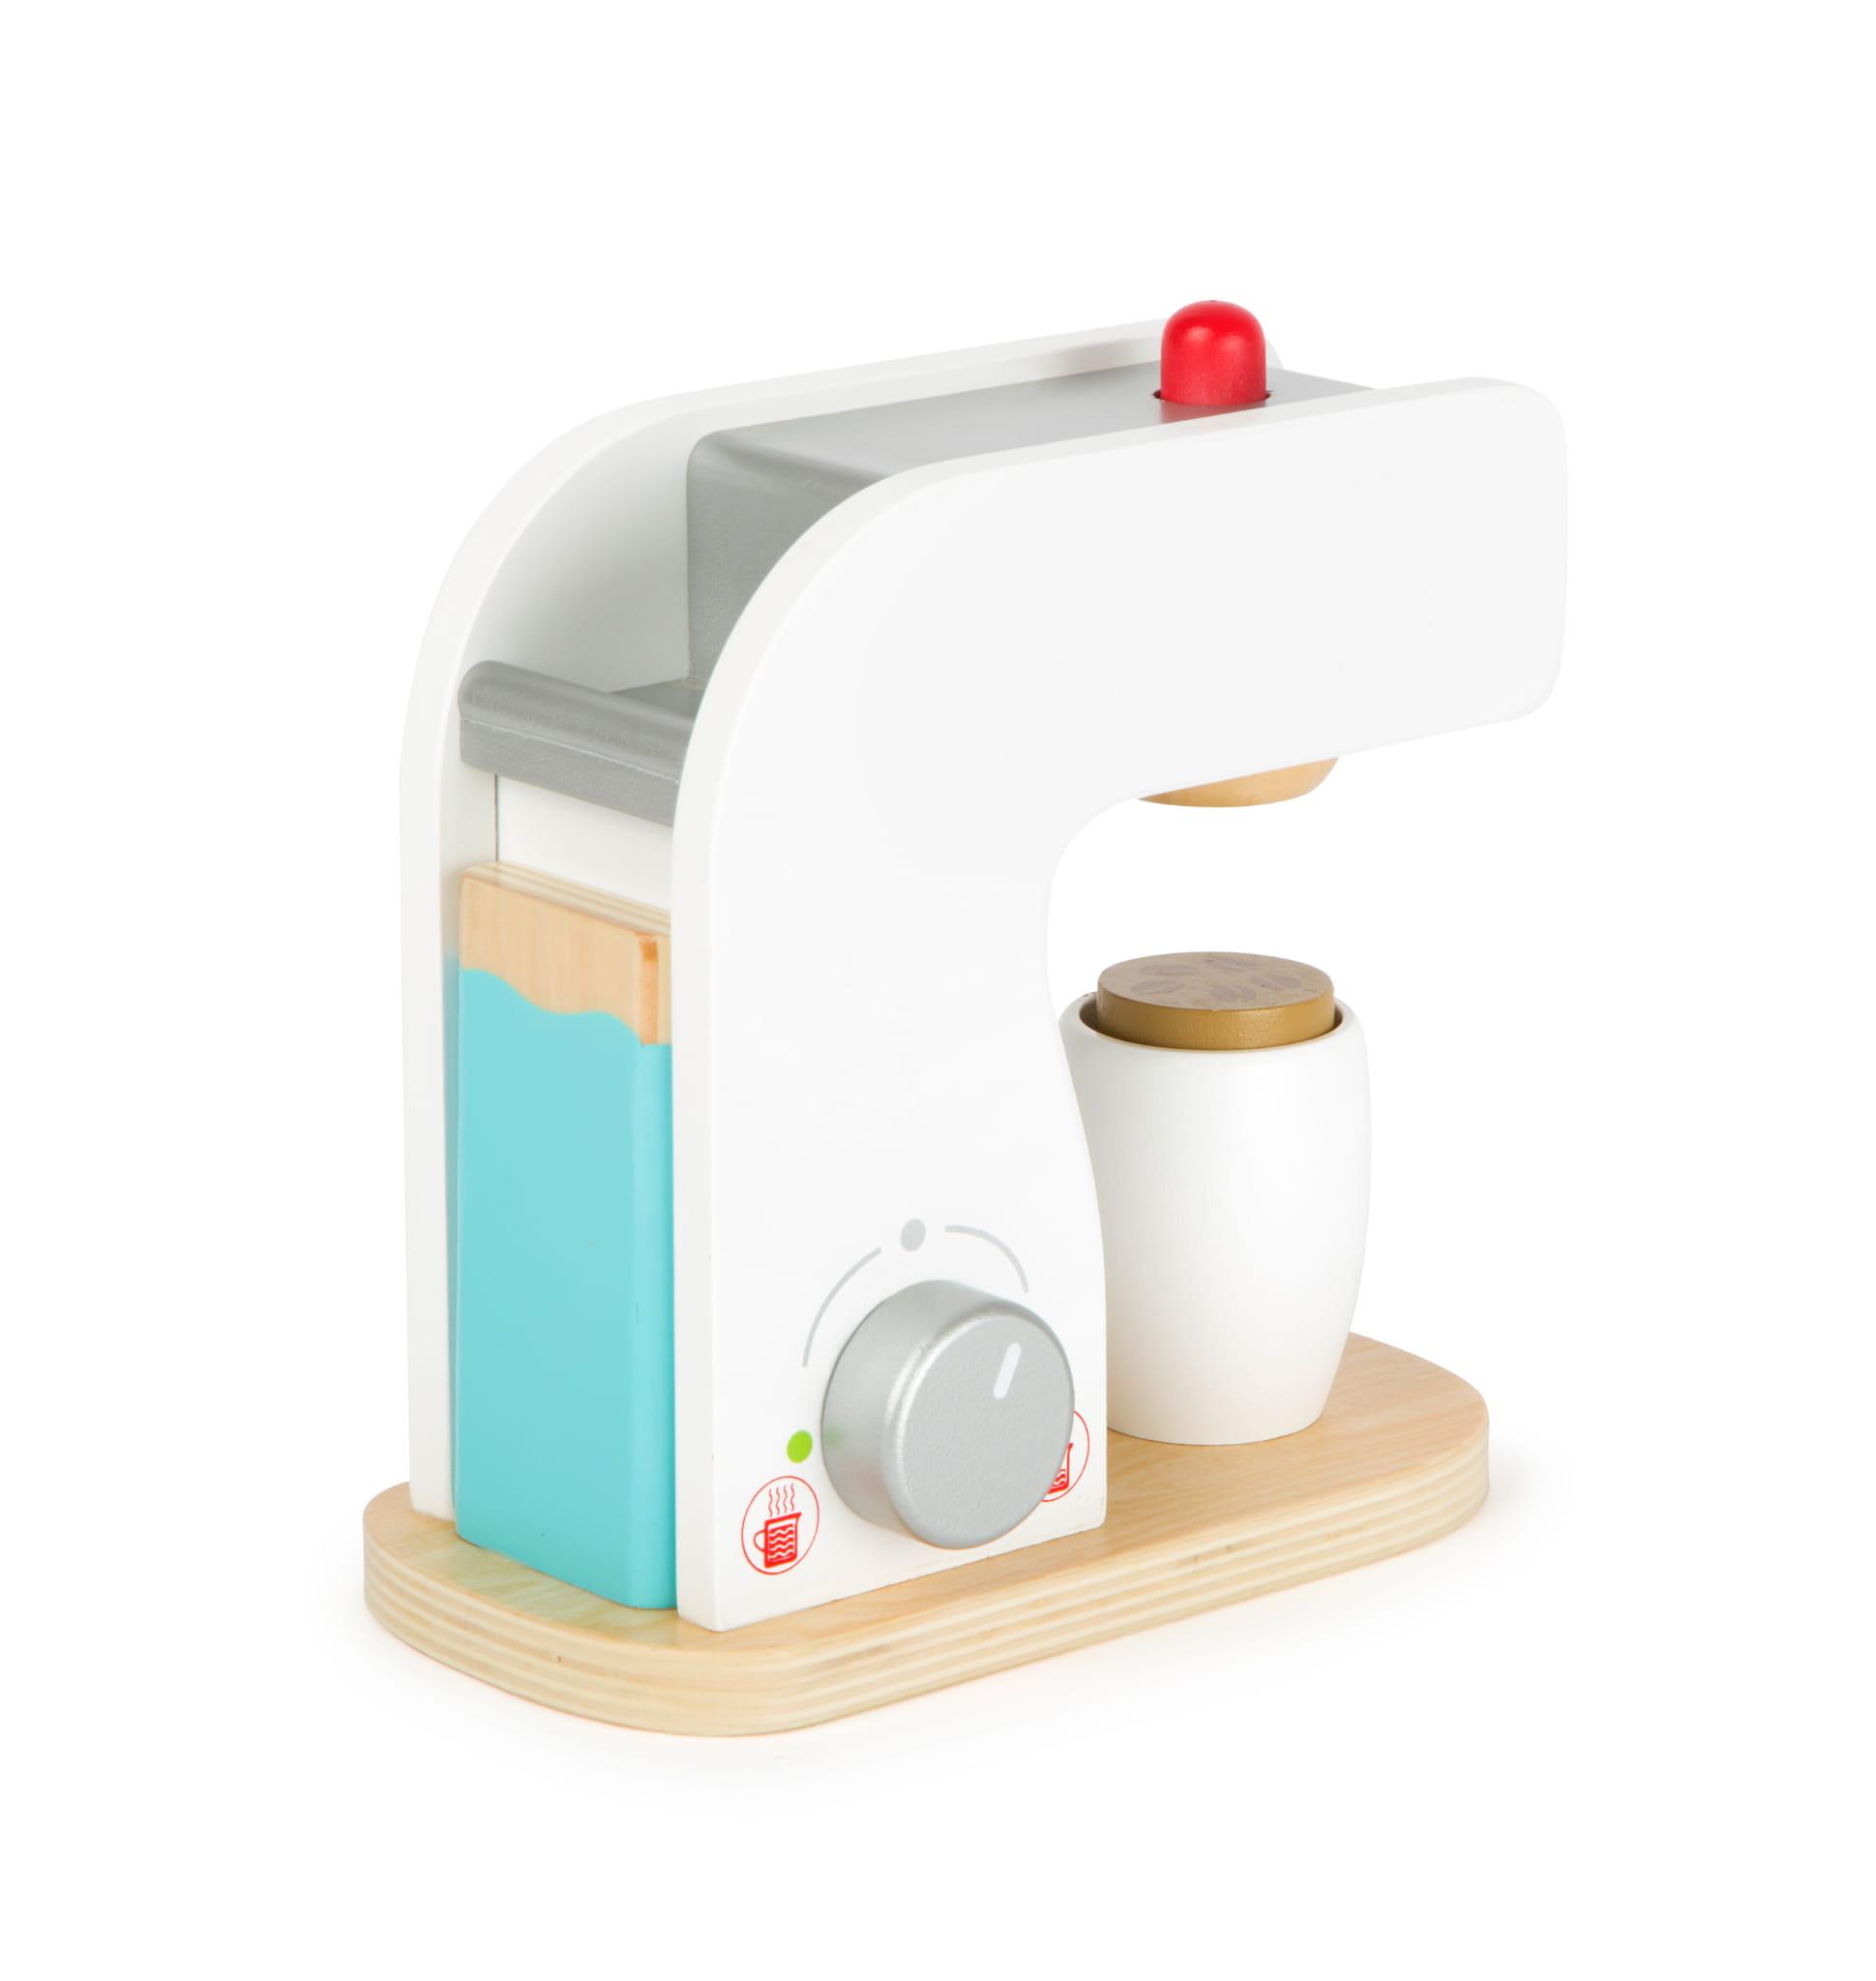 Ekspres Do Kawy Drewniany Do Zabawy Dla Dzieci Small Foot Design